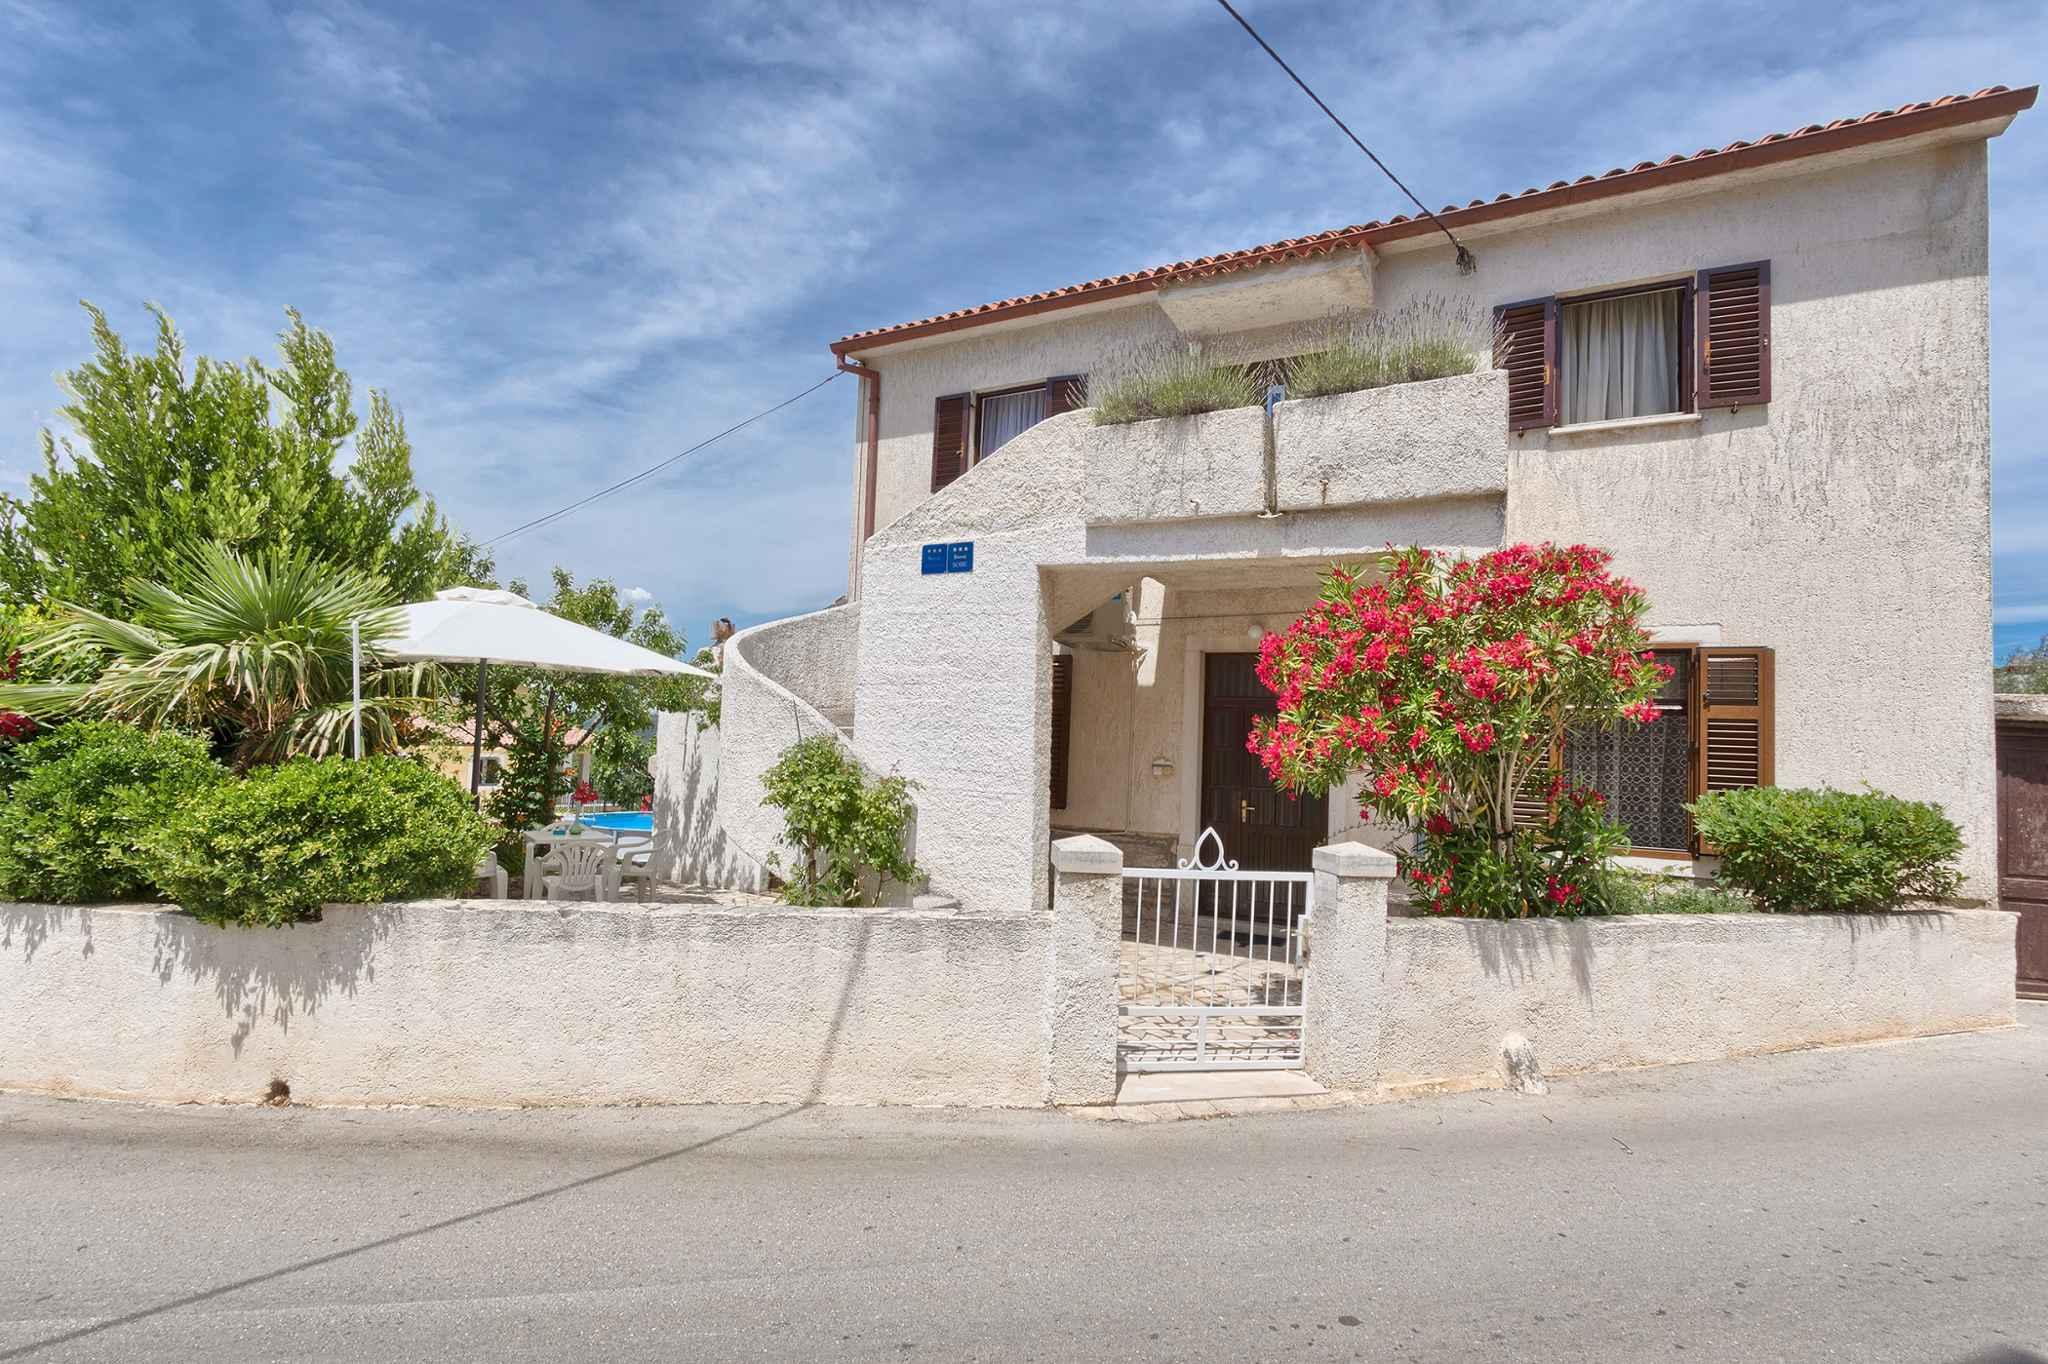 Ferienhaus mit Aussenpool im Dorf (974973), Marcana, , Istrien, Kroatien, Bild 6